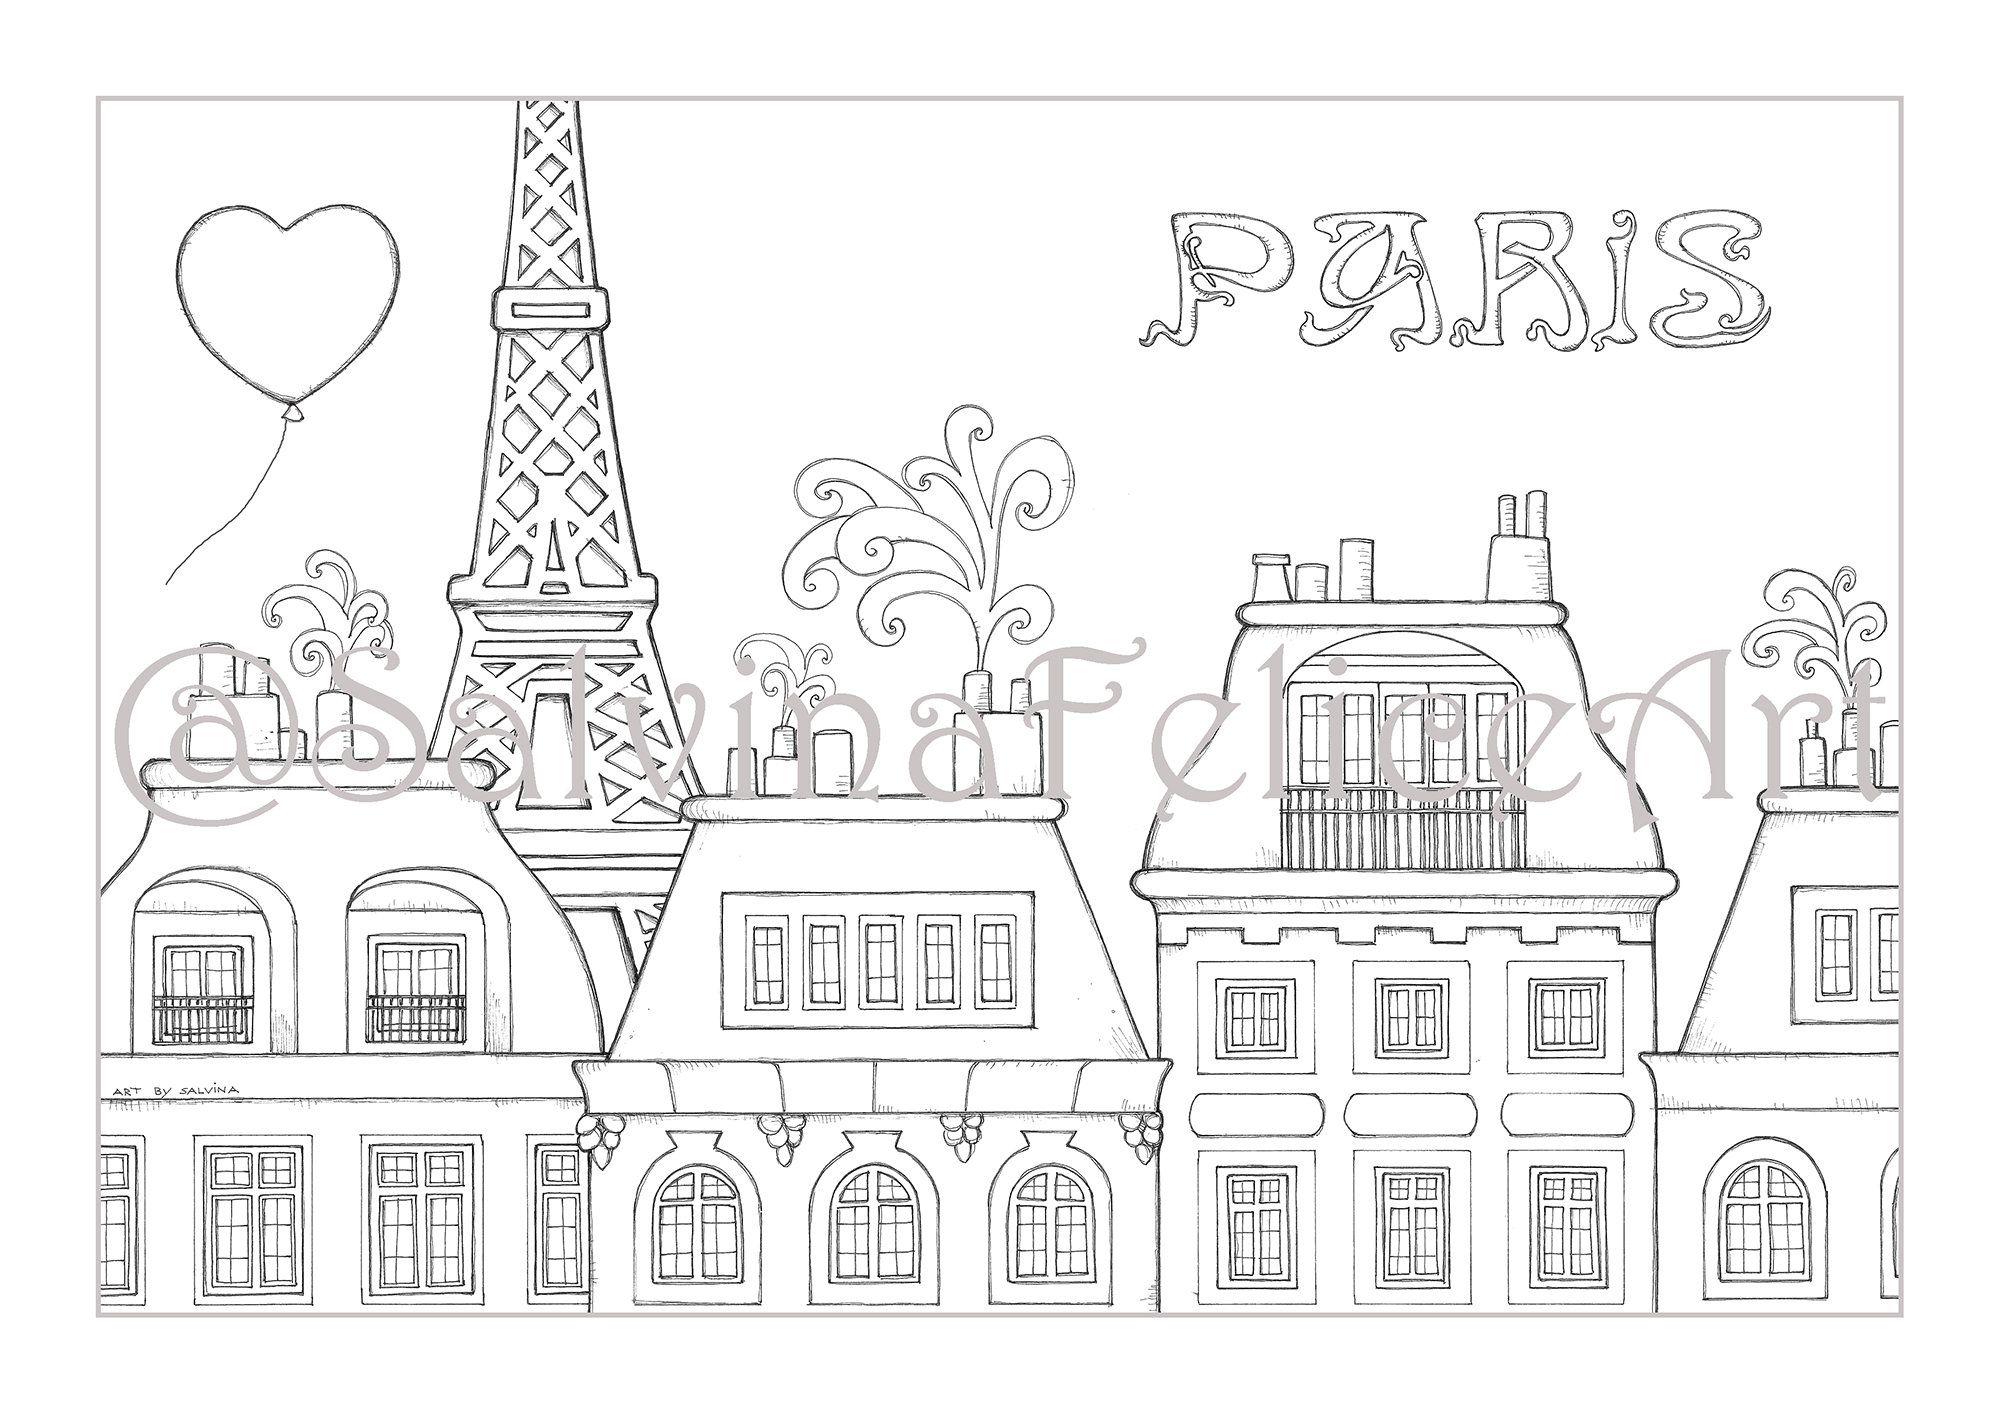 Download Stampa Digitale Del Mio Disegno Originale Al Tratto Paris Da Colorare Scaricabile Subito Paesaggio Urbano Parigi Da Colorare In 2020 Home Decor Decals Art Decor